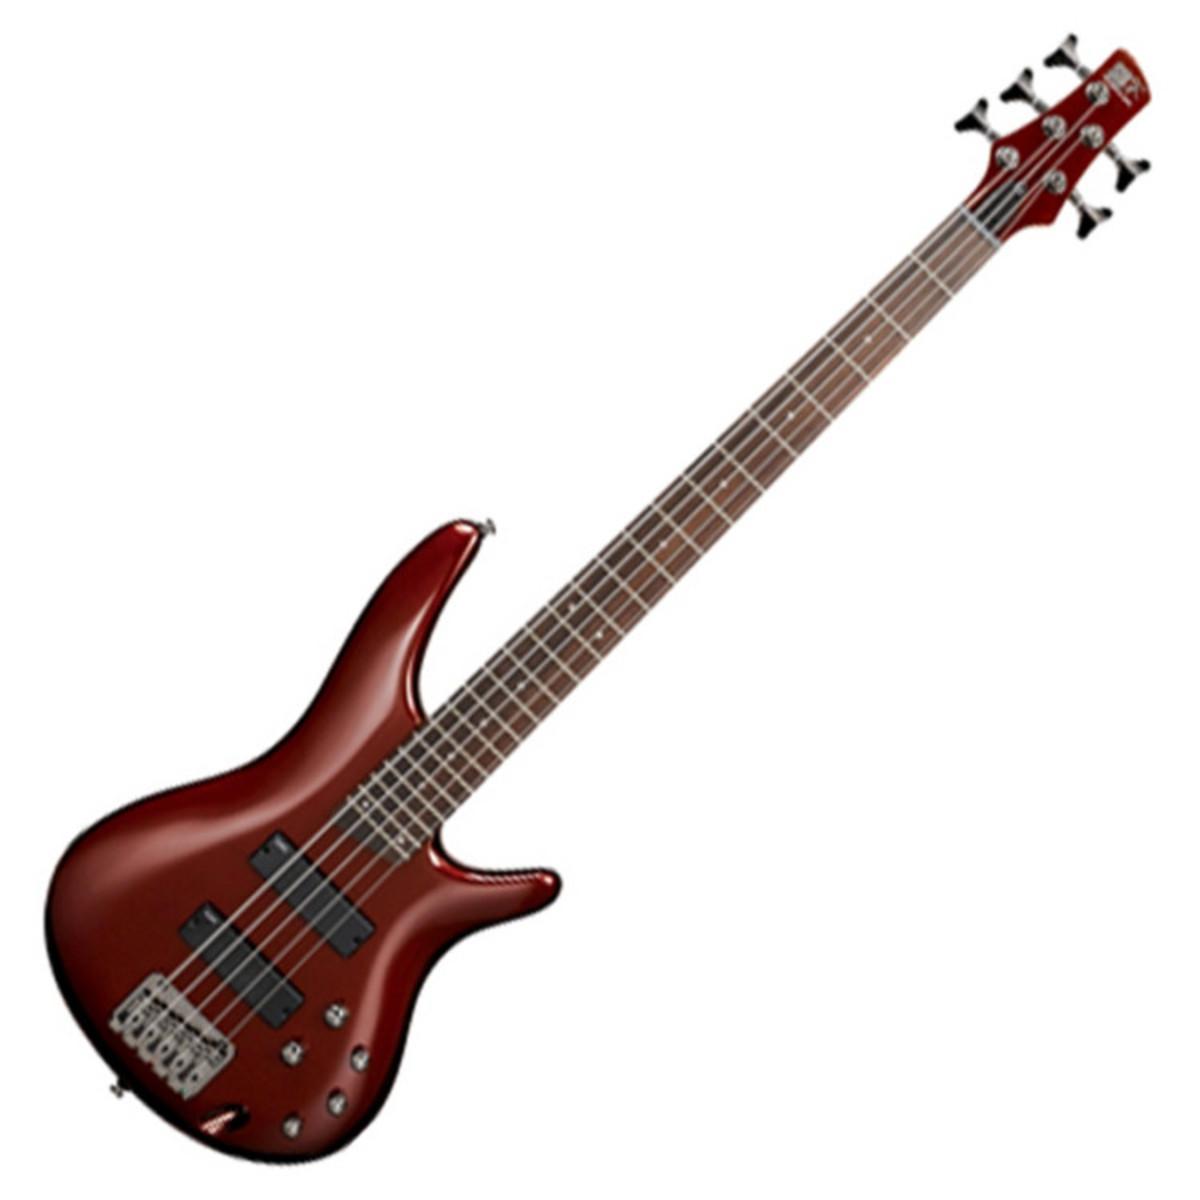 ibanez sr305 5 string bass guitar root beer metallic at. Black Bedroom Furniture Sets. Home Design Ideas